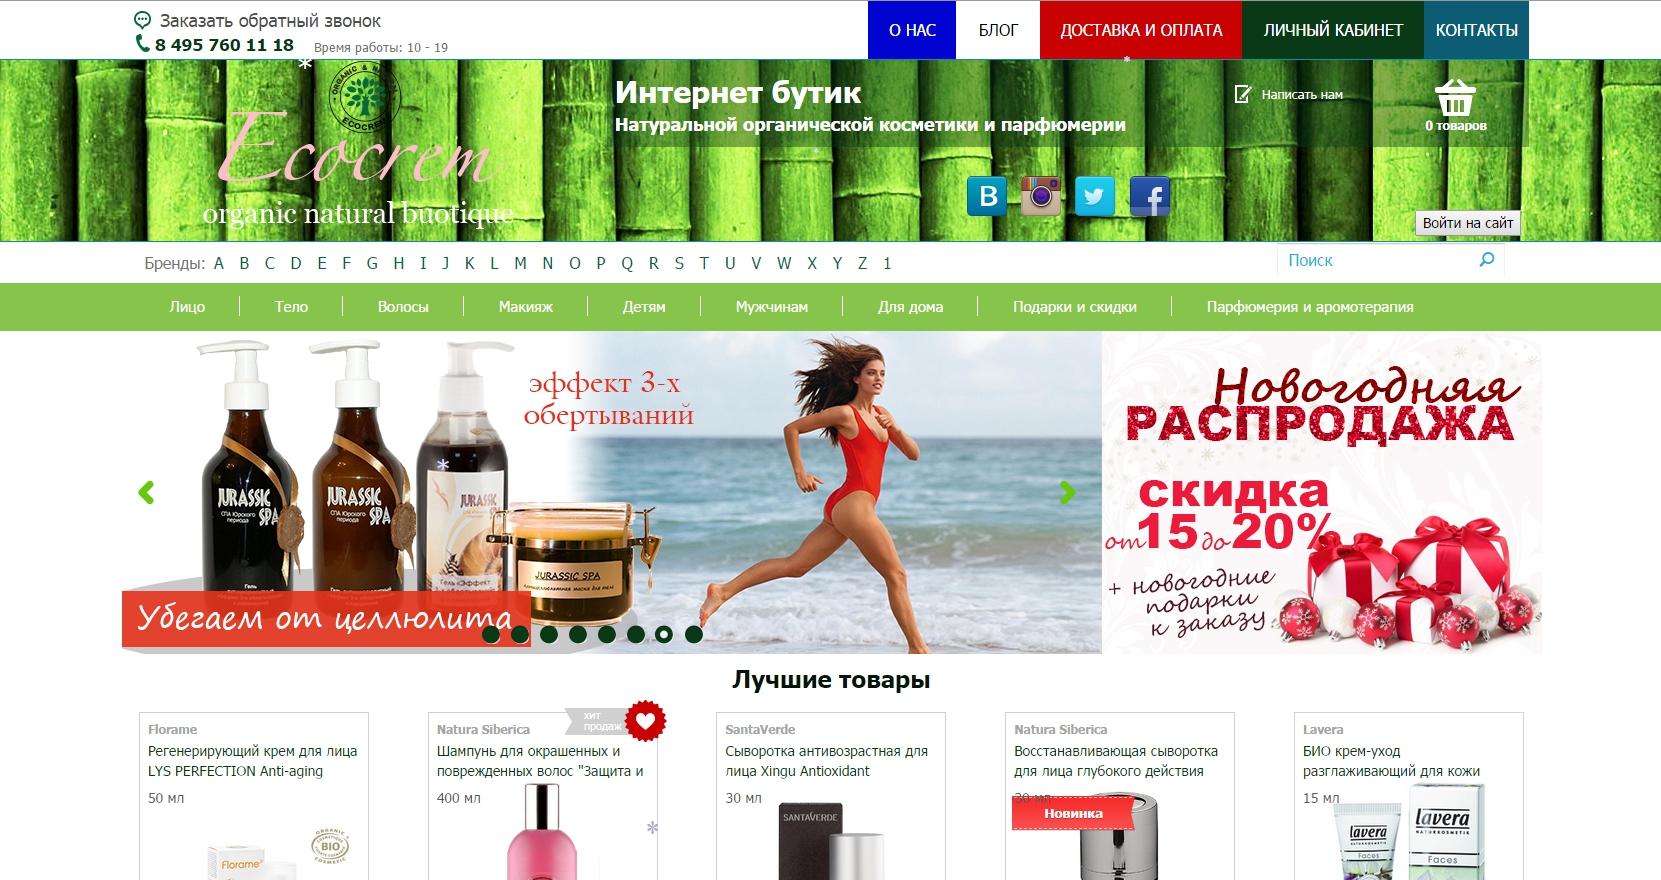 Экокрем официальный интернет-магазин натуральной органической косметики и парфюмерии Ecocrem - Официальный интернет мага